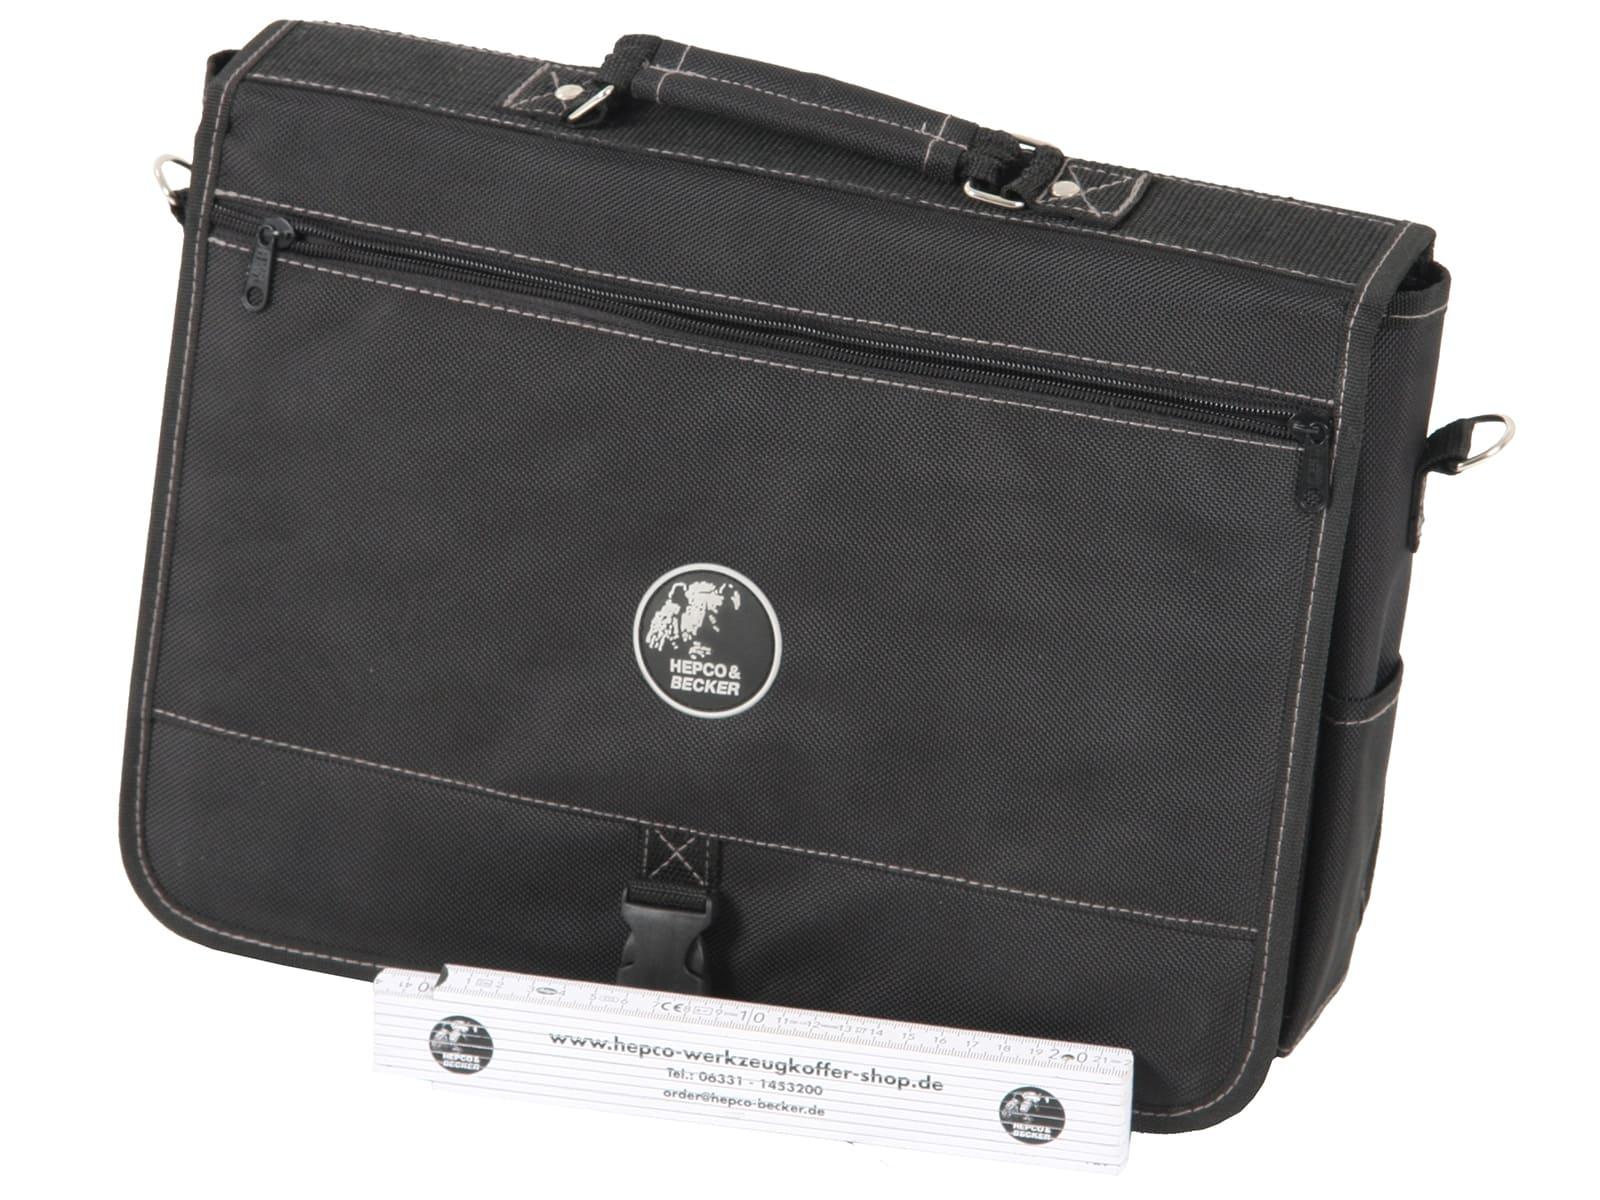 Kleine Techniker-Kombitasche für Laptop und Werkzeug 5851